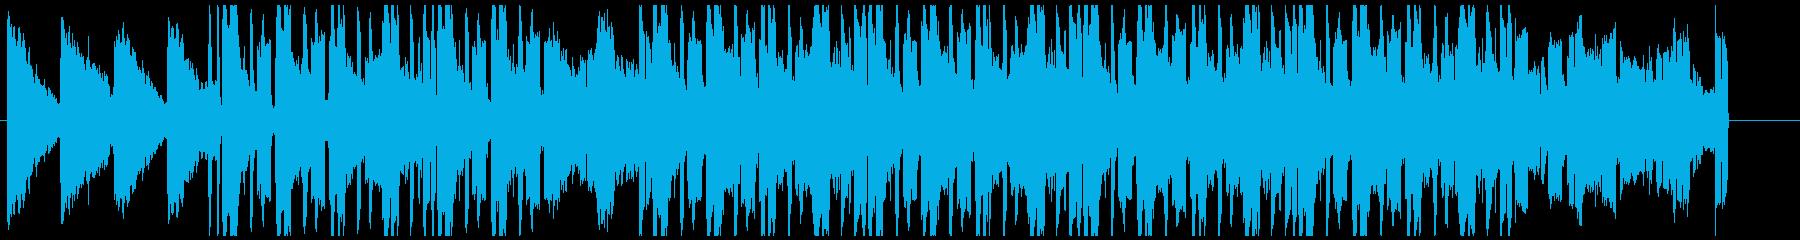 ナイトルーティン/ピアノ/hiphopの再生済みの波形